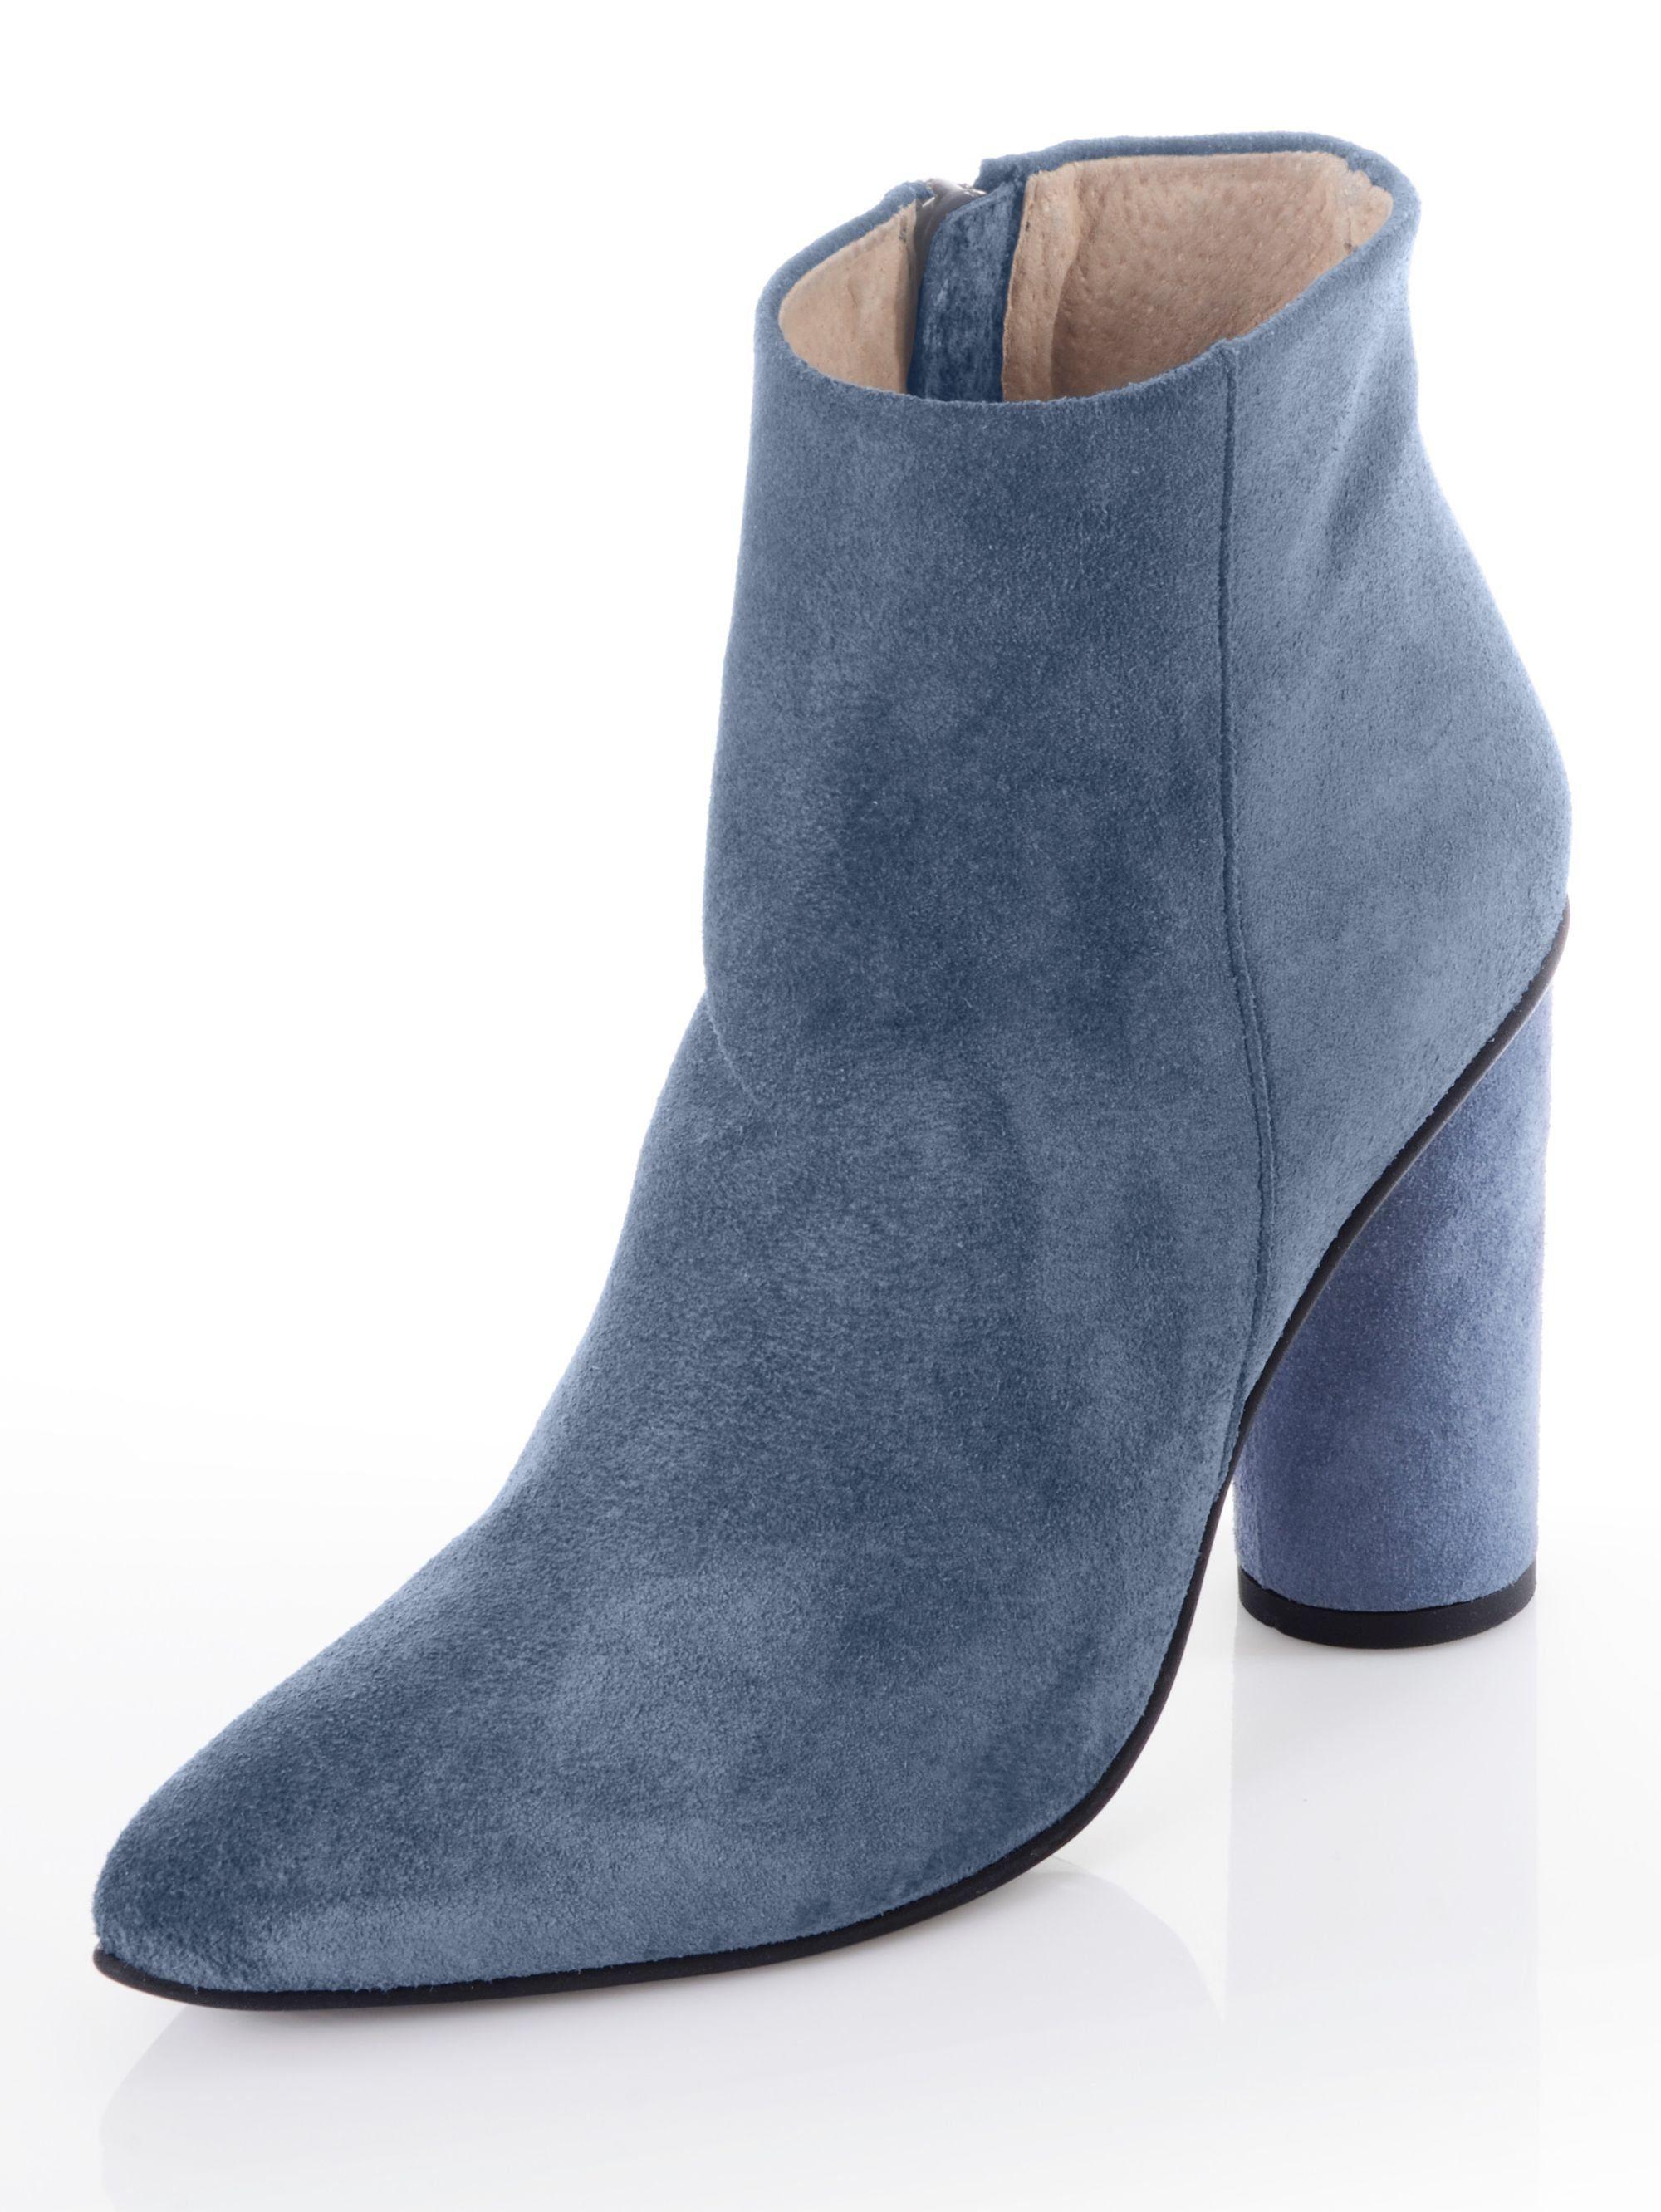 Alba Moda Stiefelette aus Veloursleder kaufen  blau